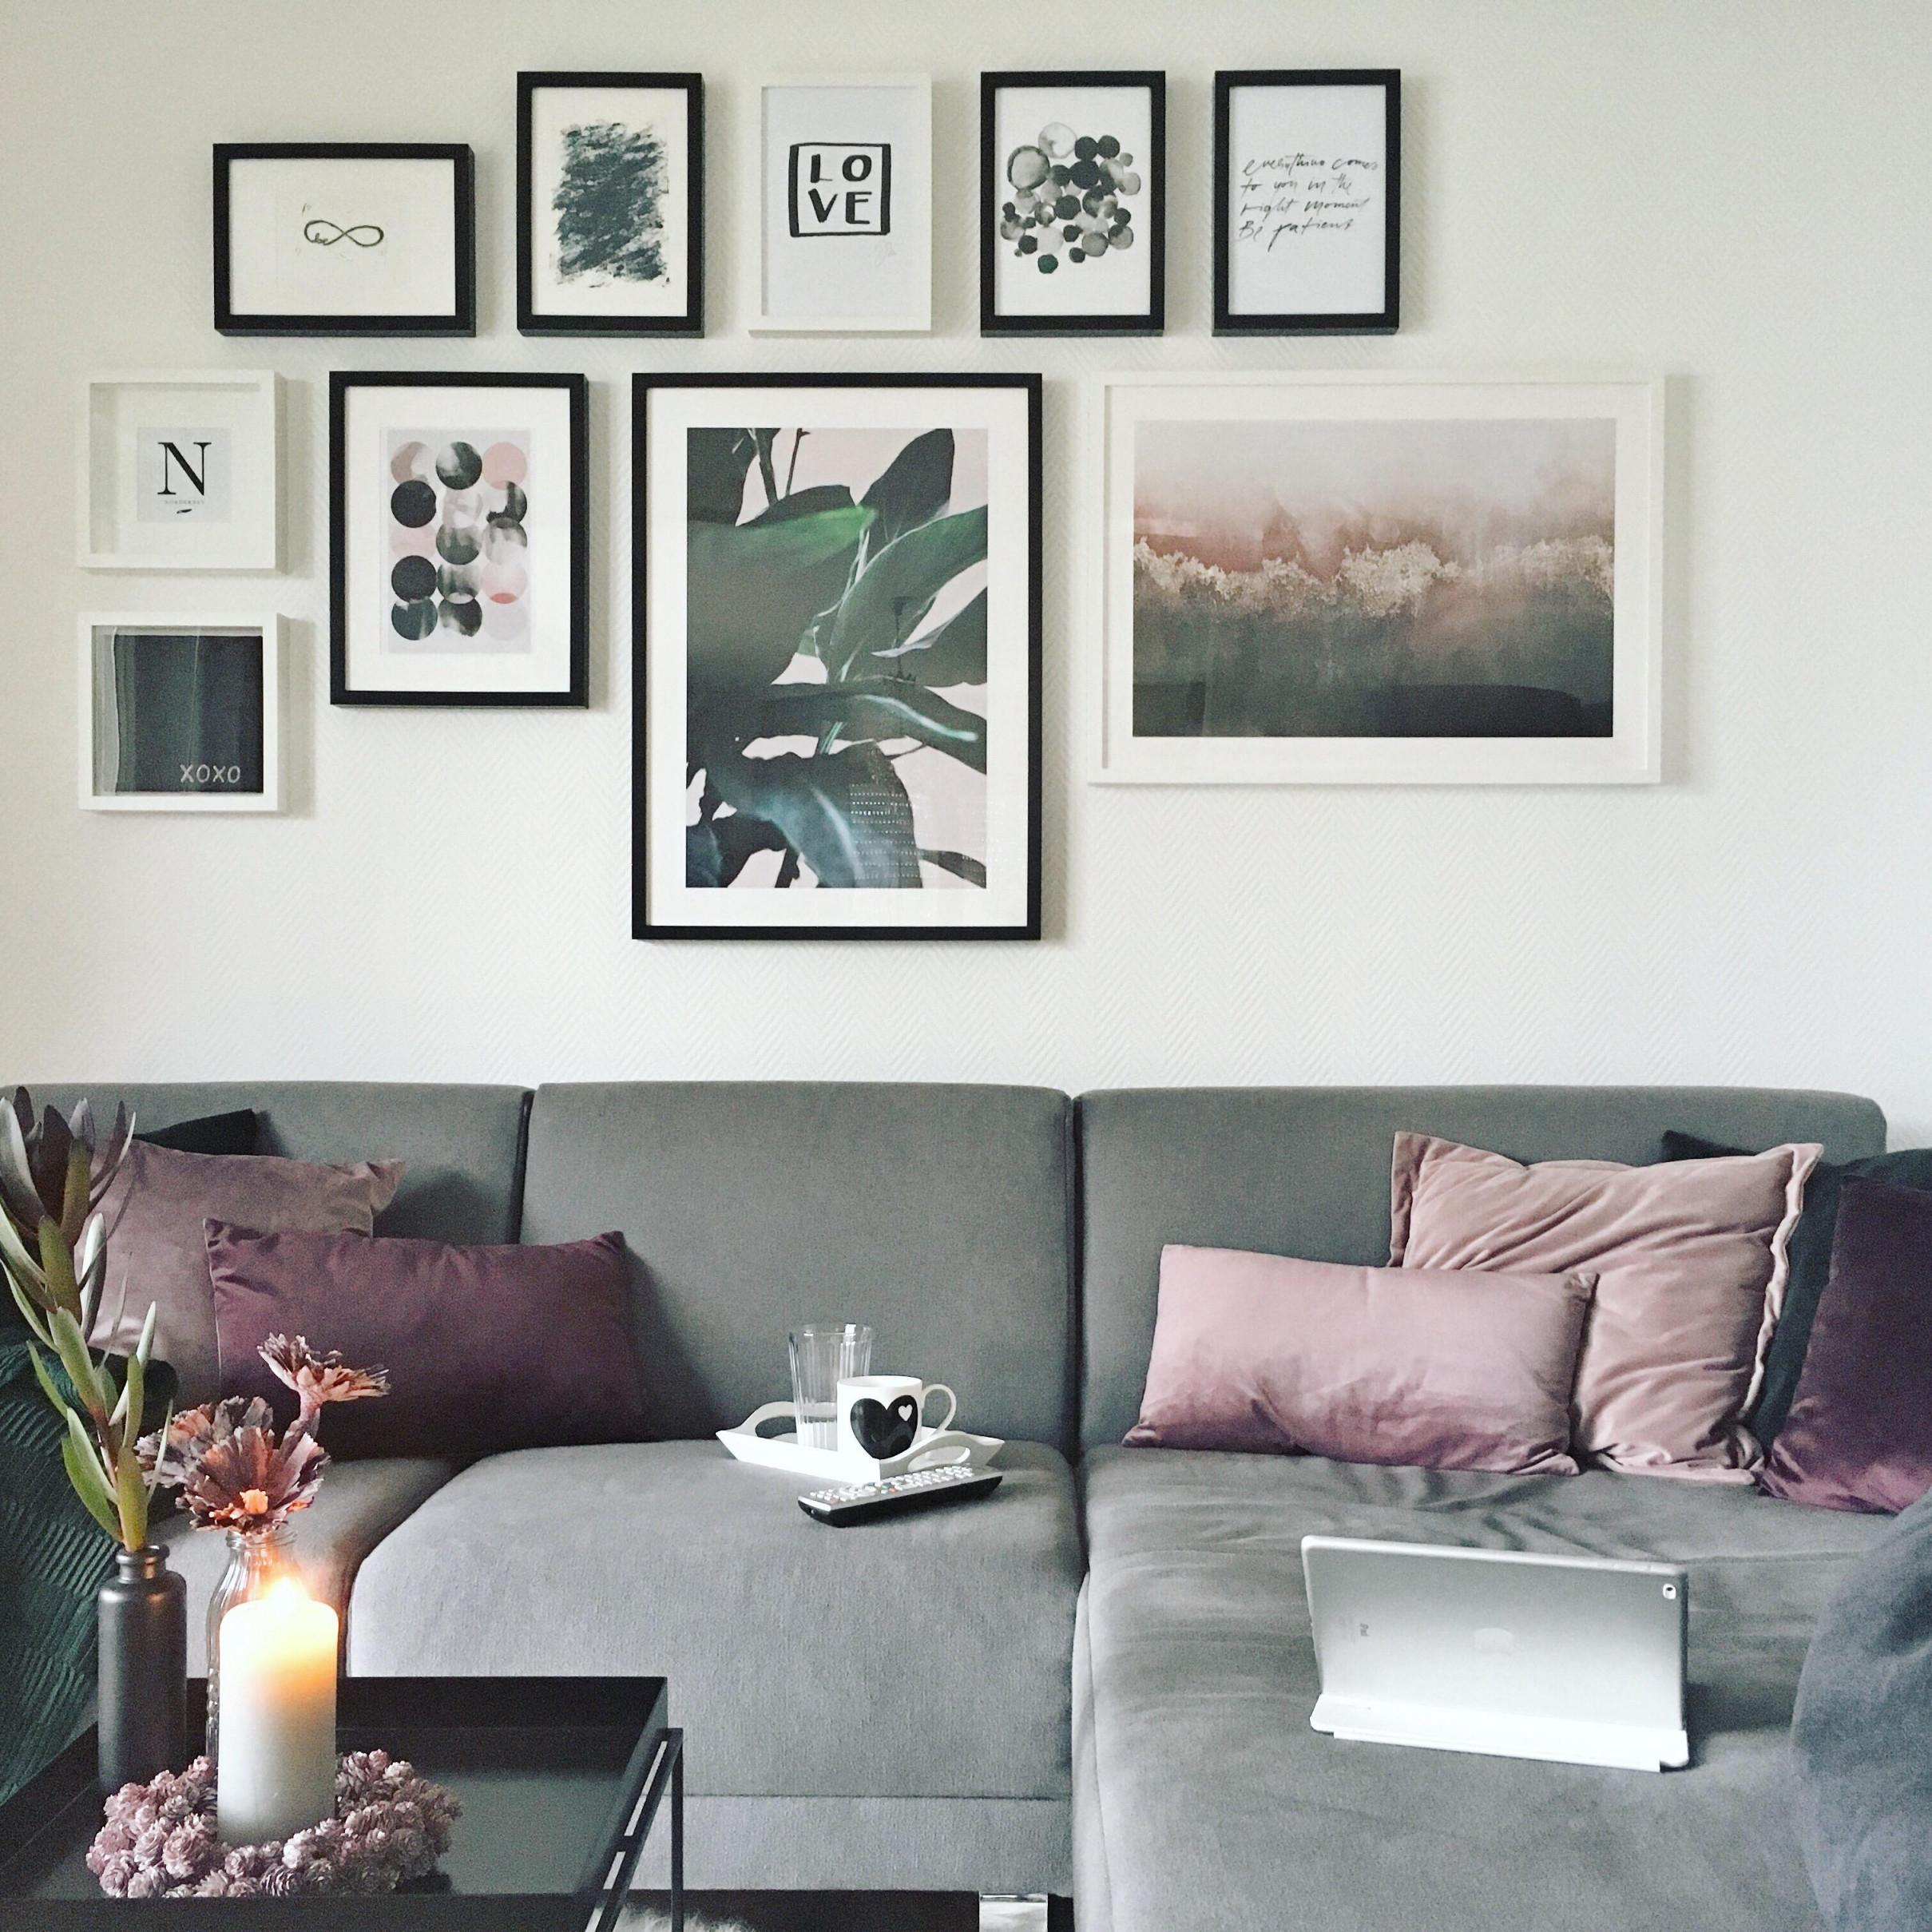 Bilderwand Wohnzimmer – Caseconrad von Bilderwand Wohnzimmer Ideen Photo